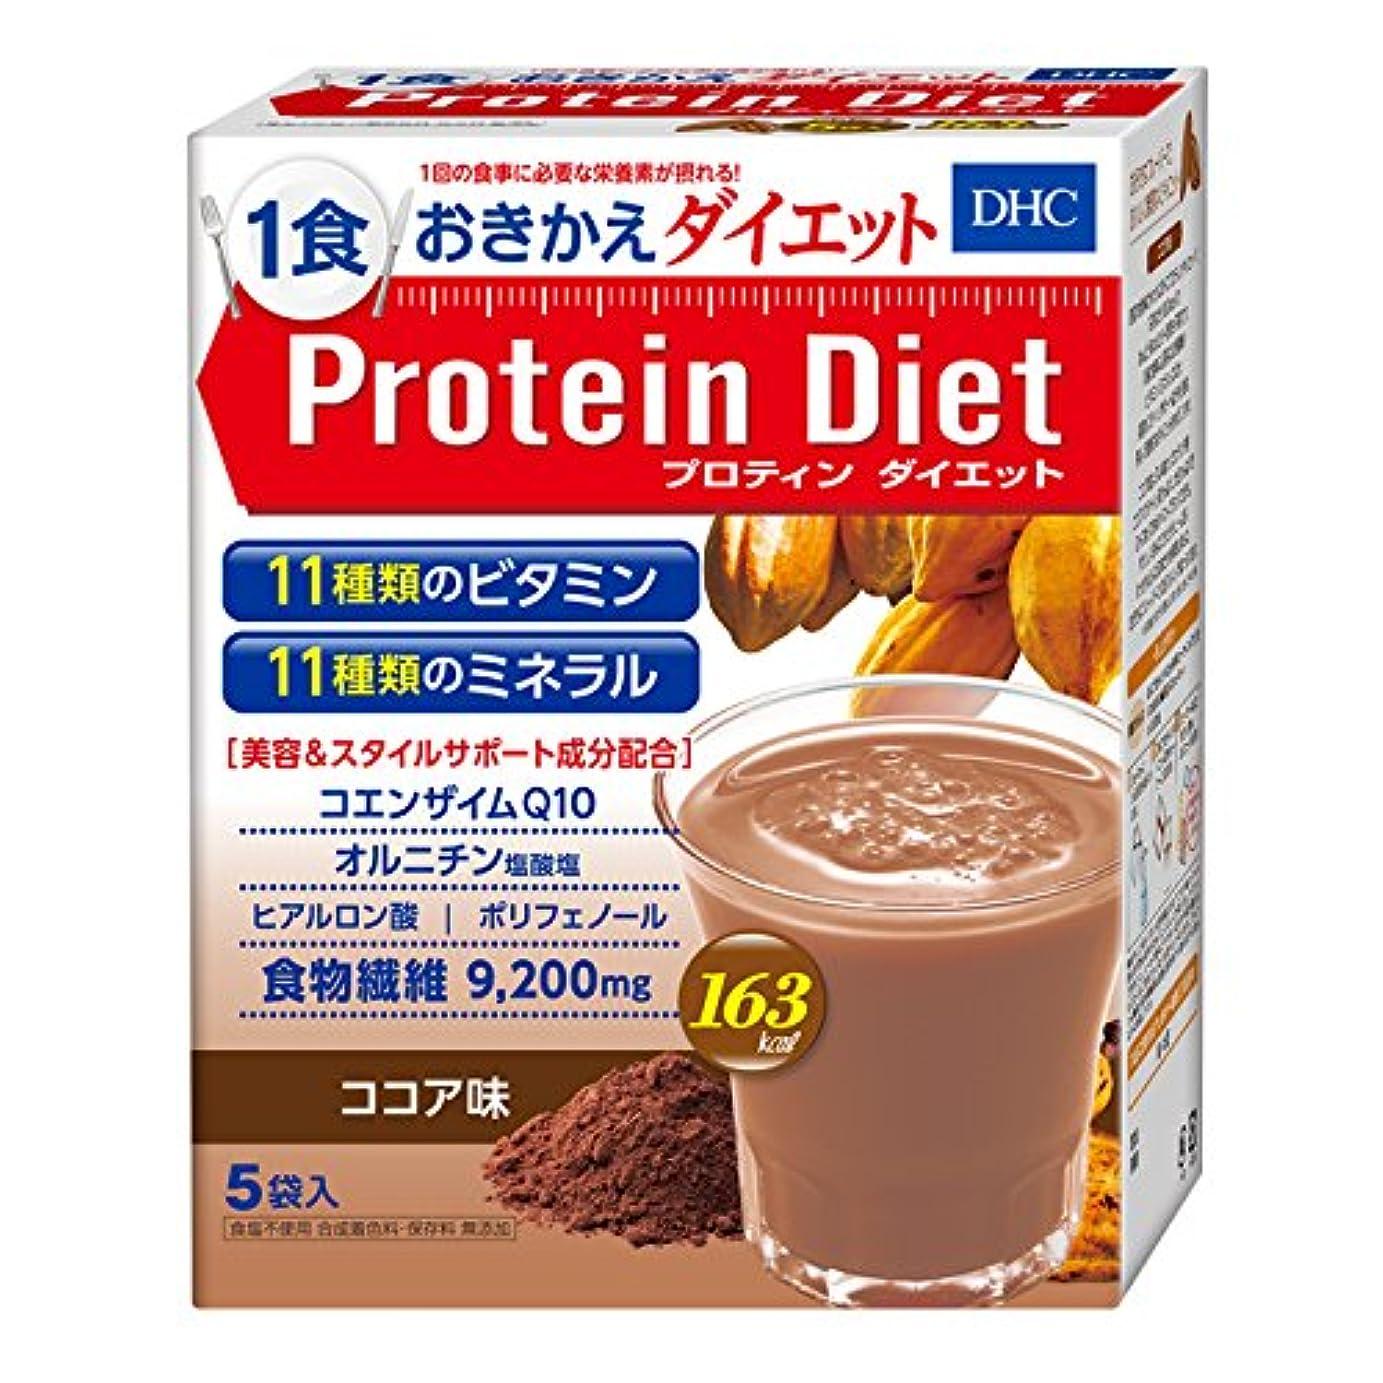 パドル八百屋省DHCプロティンダイエット(ココア味)